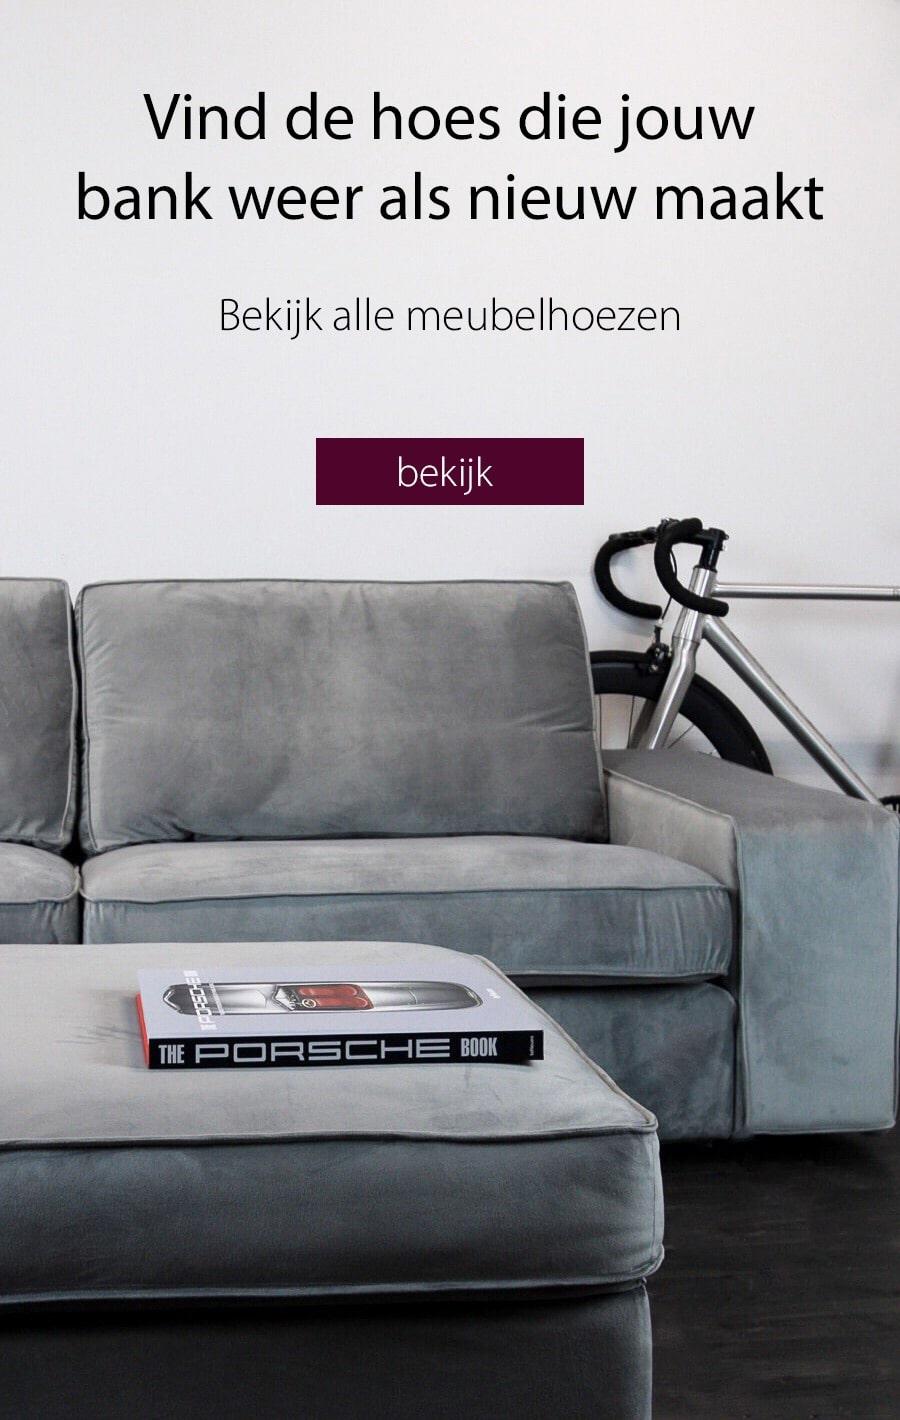 Ikea Bankhoes Mysinge.Ikea Bank Nieuwe Hoes